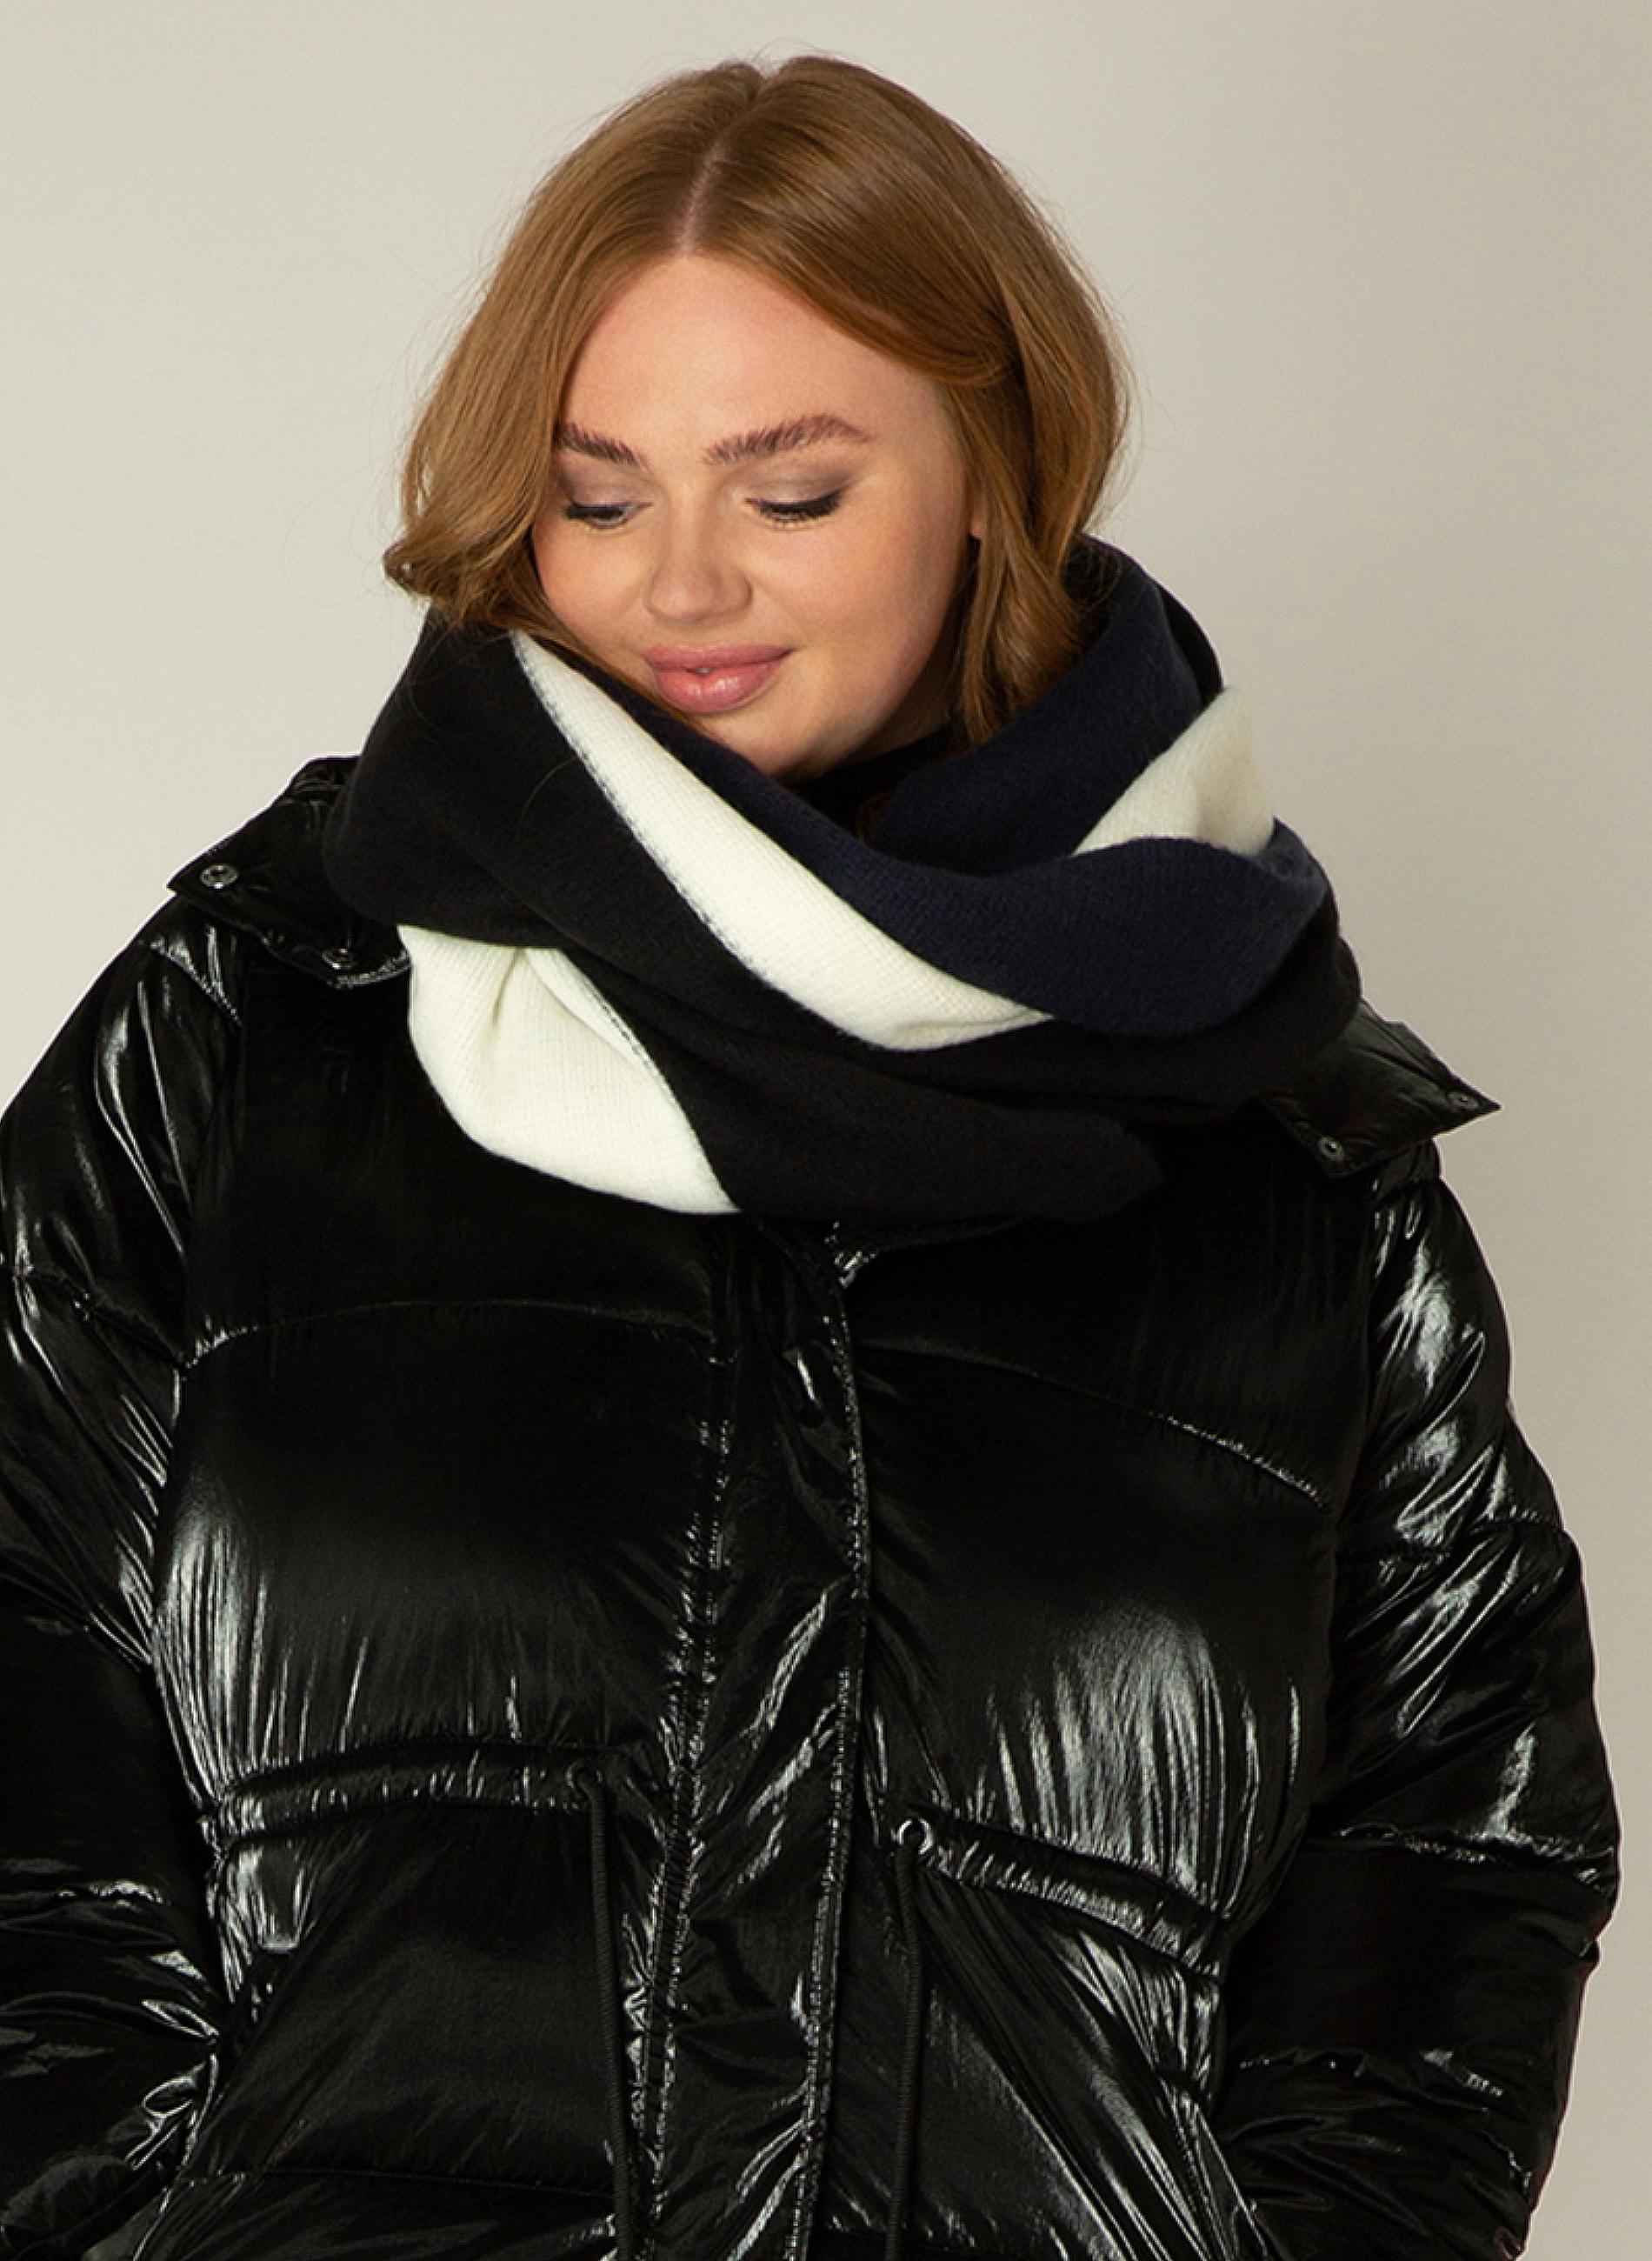 Yesta sjaal Winter Outerwear